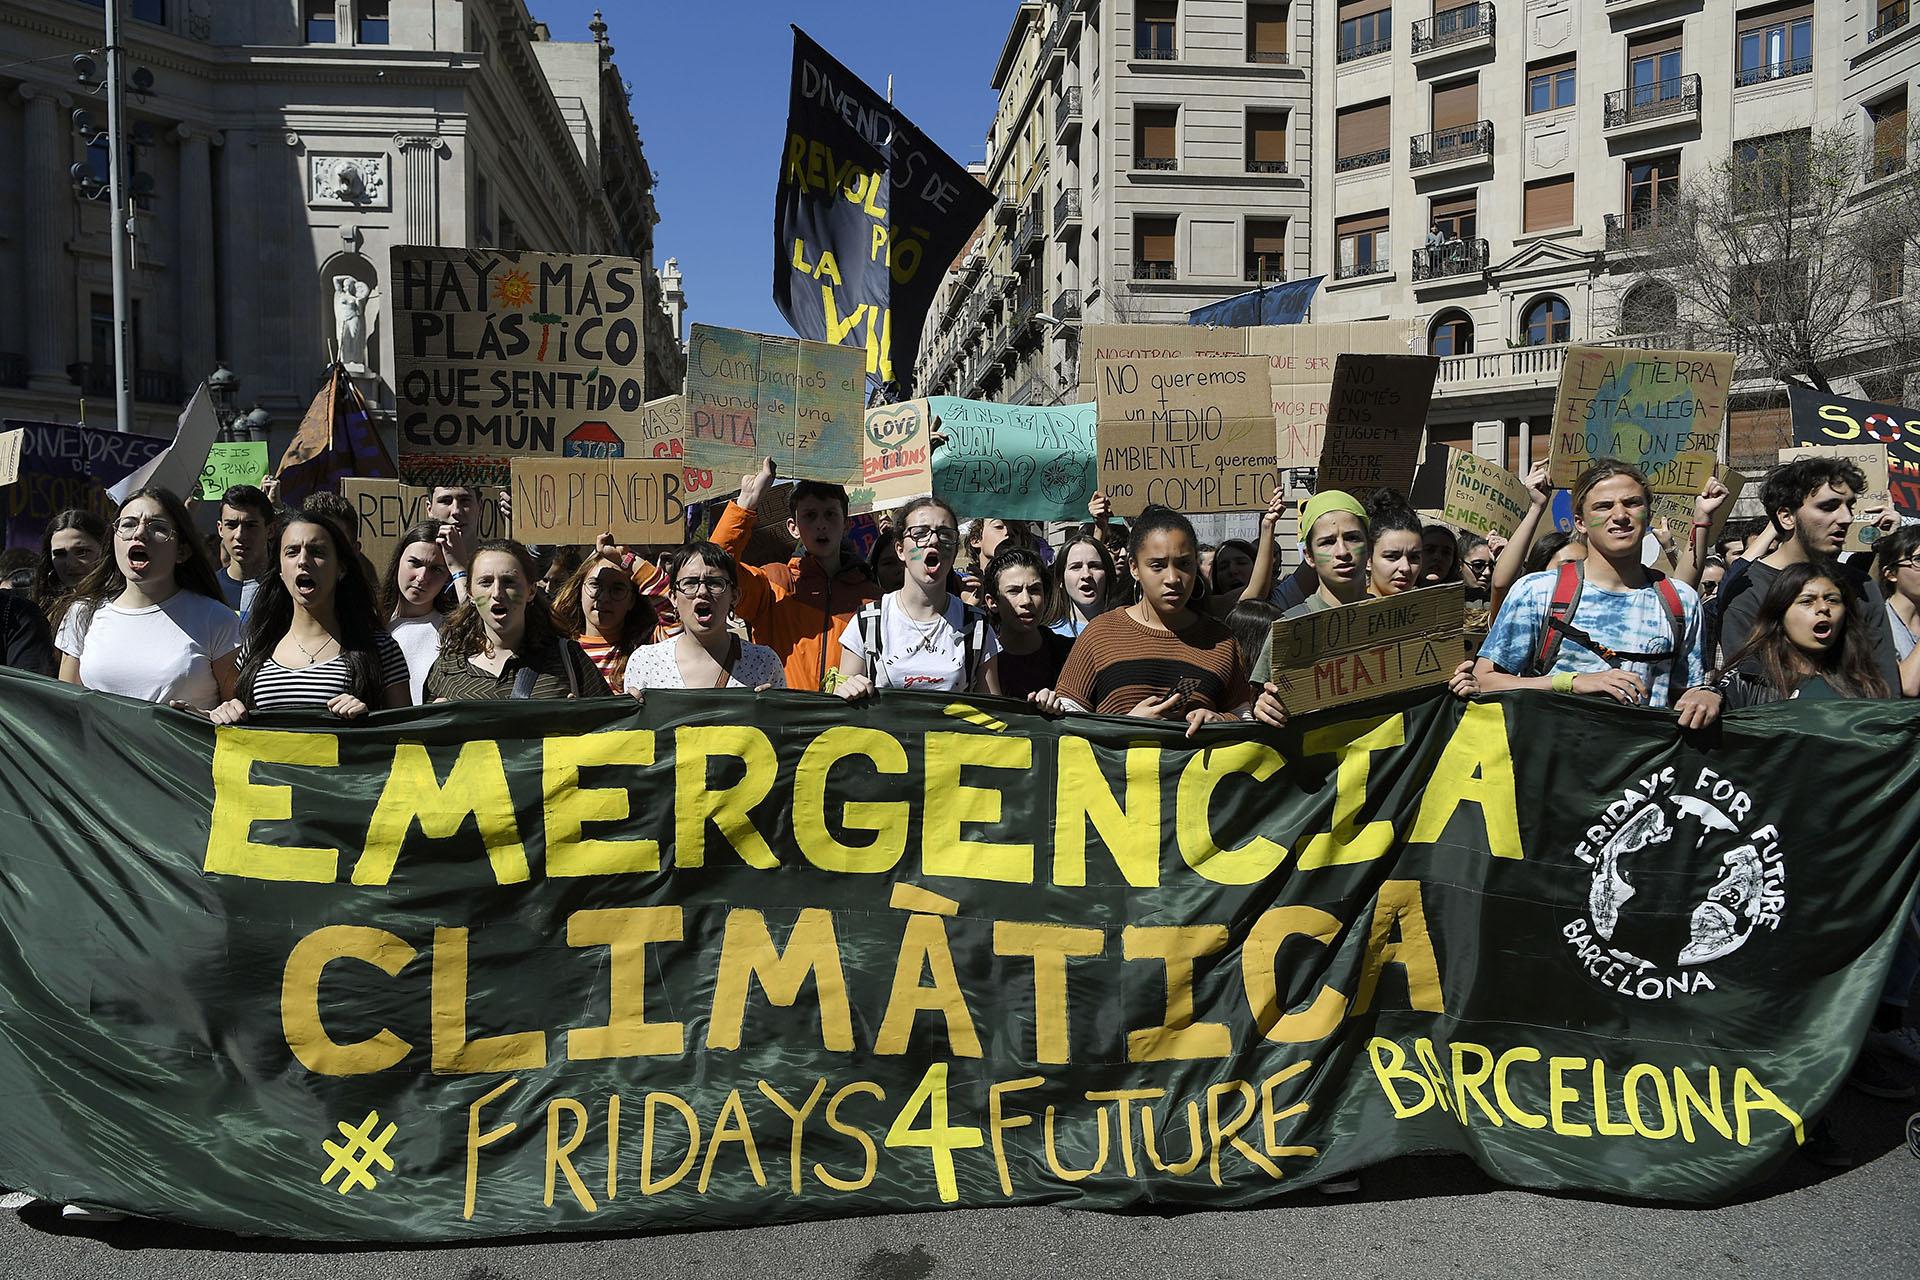 """Estudiantes ídem una """"Emergencia Climática"""" en Barcelona . (Foto: LLUIS GENE / AFP)"""